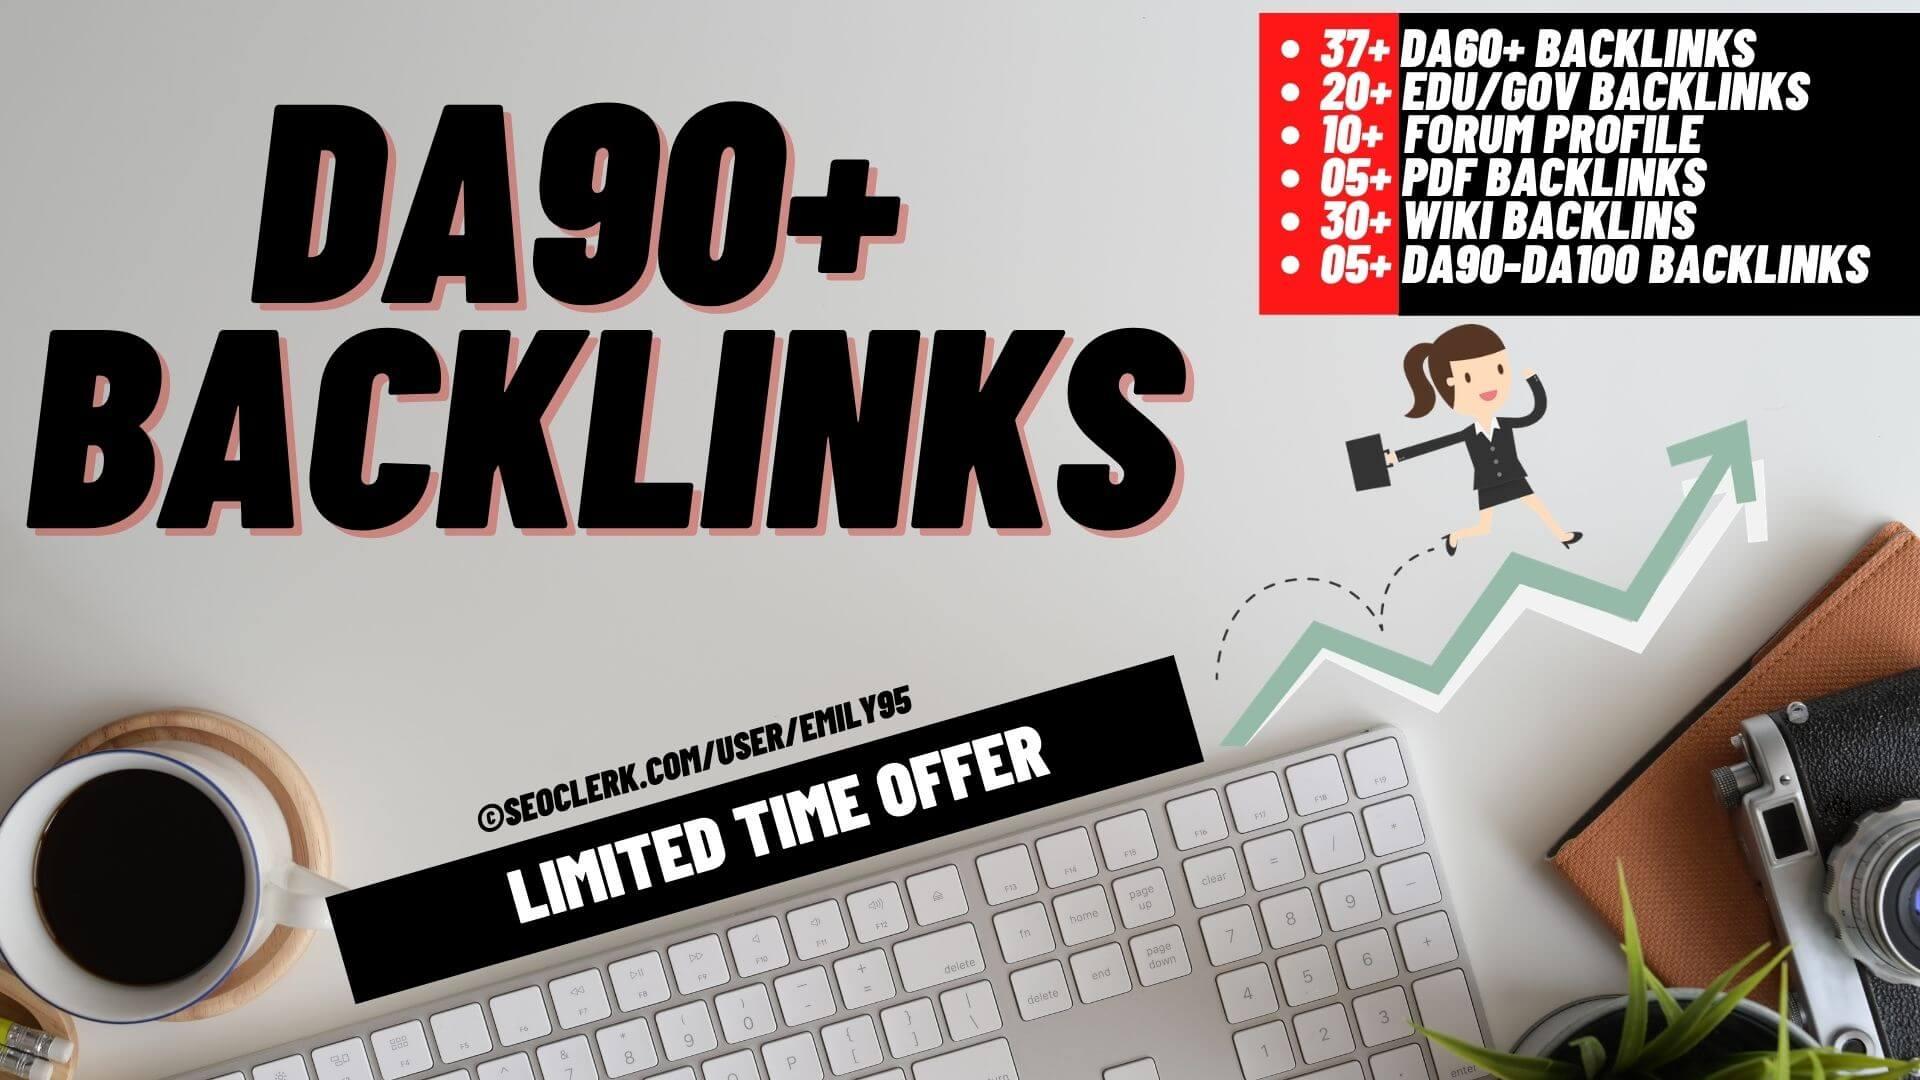 DA90+ Backlinks - 30 Wiki,  20 Edu/Gov,  10 Forum Sites,  05 PDF,  37 DA60+ and 05 from DA90+